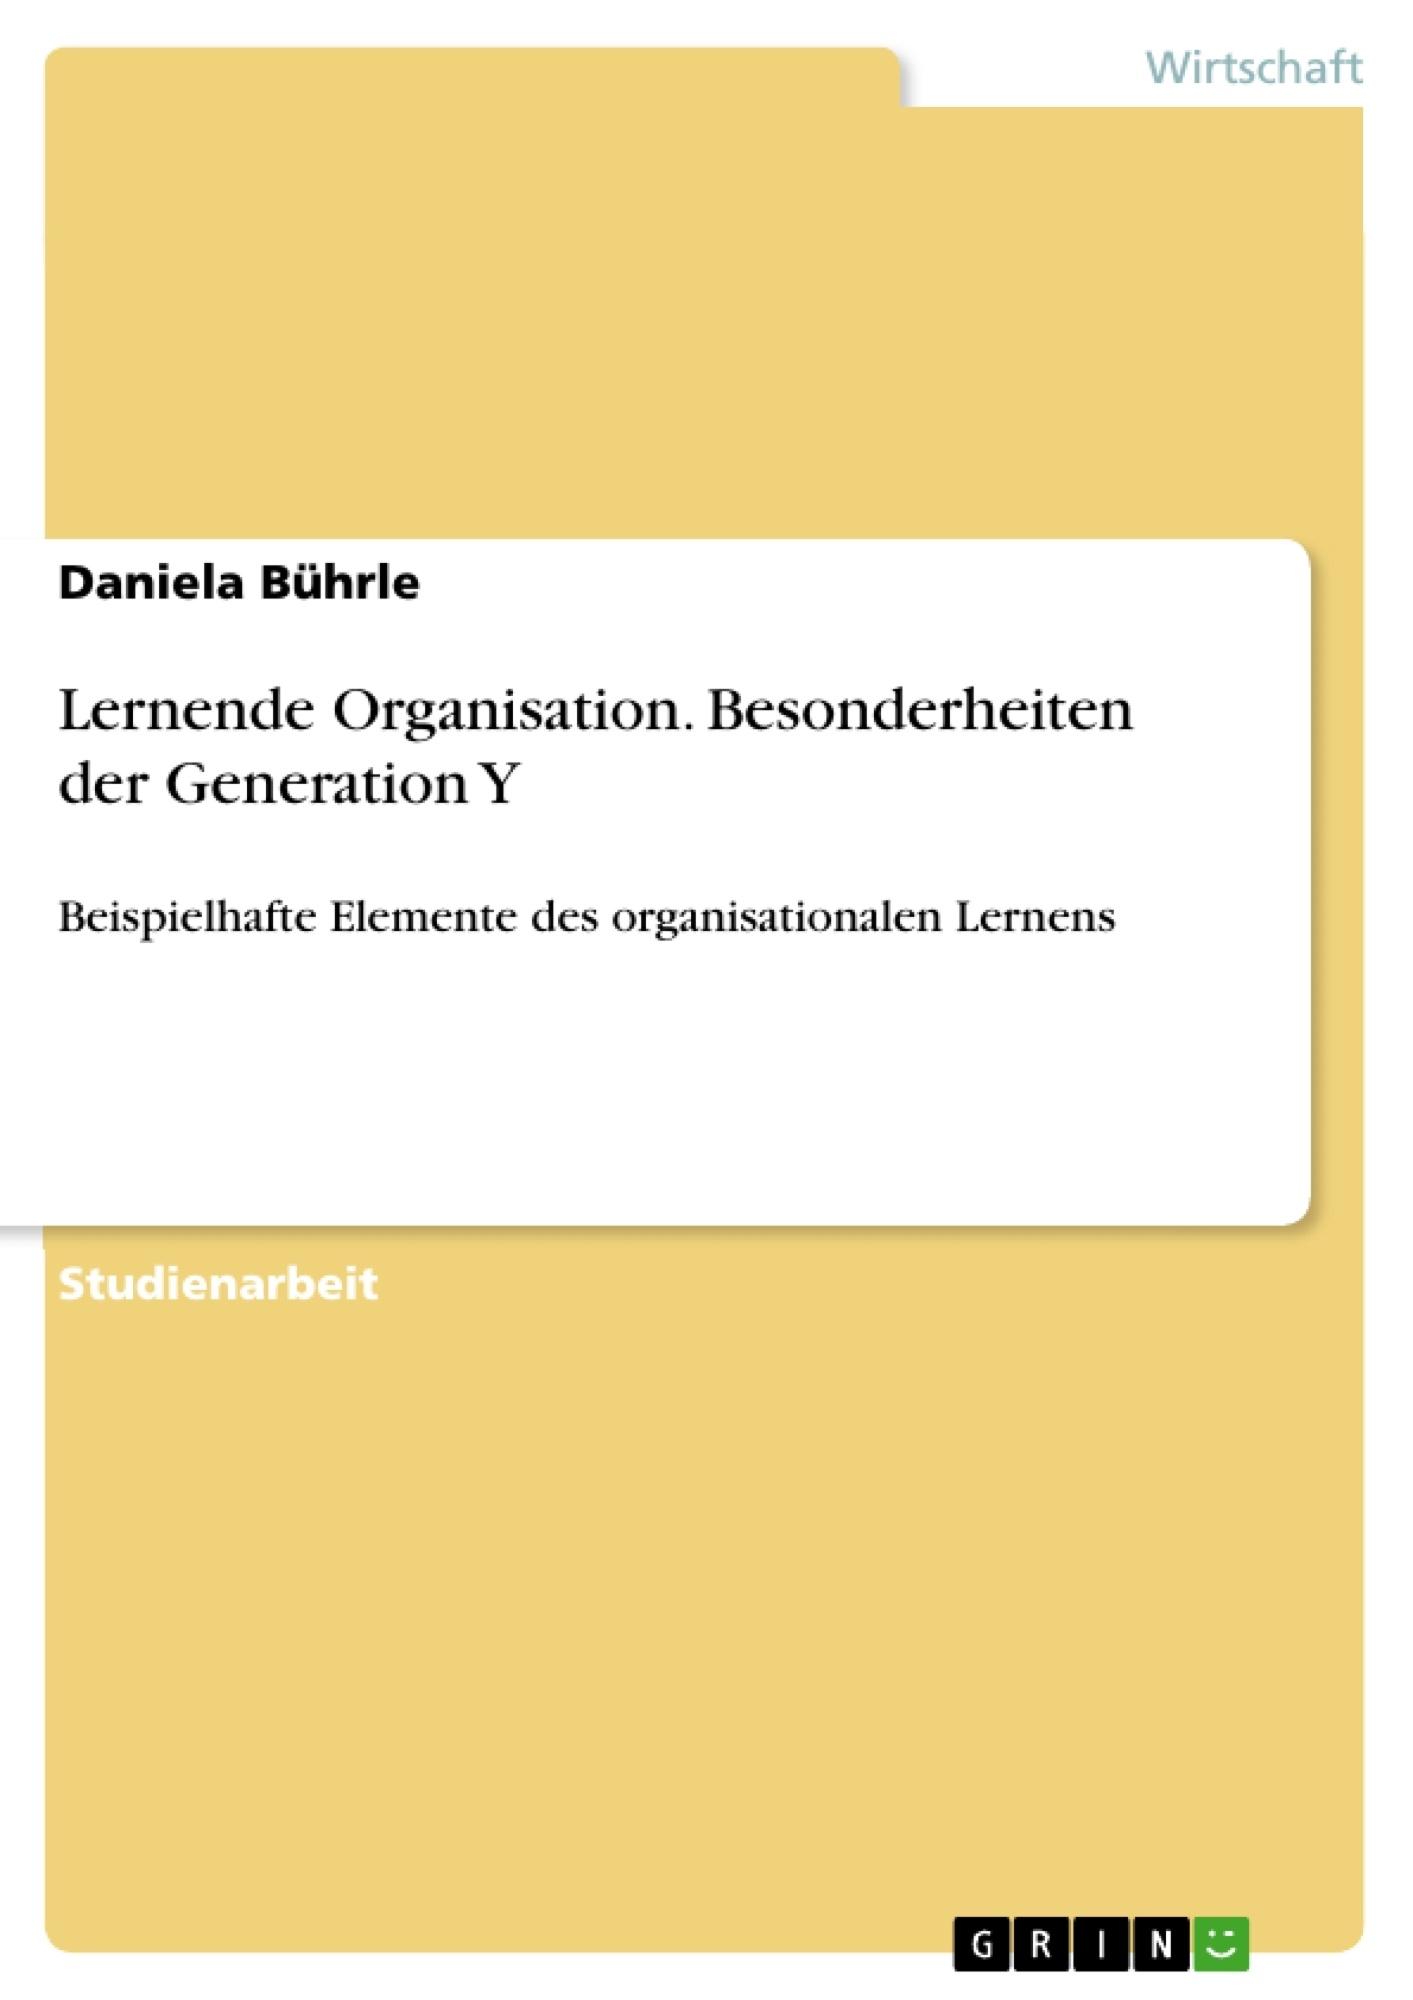 Titel: Lernende Organisation. Besonderheiten der Generation Y